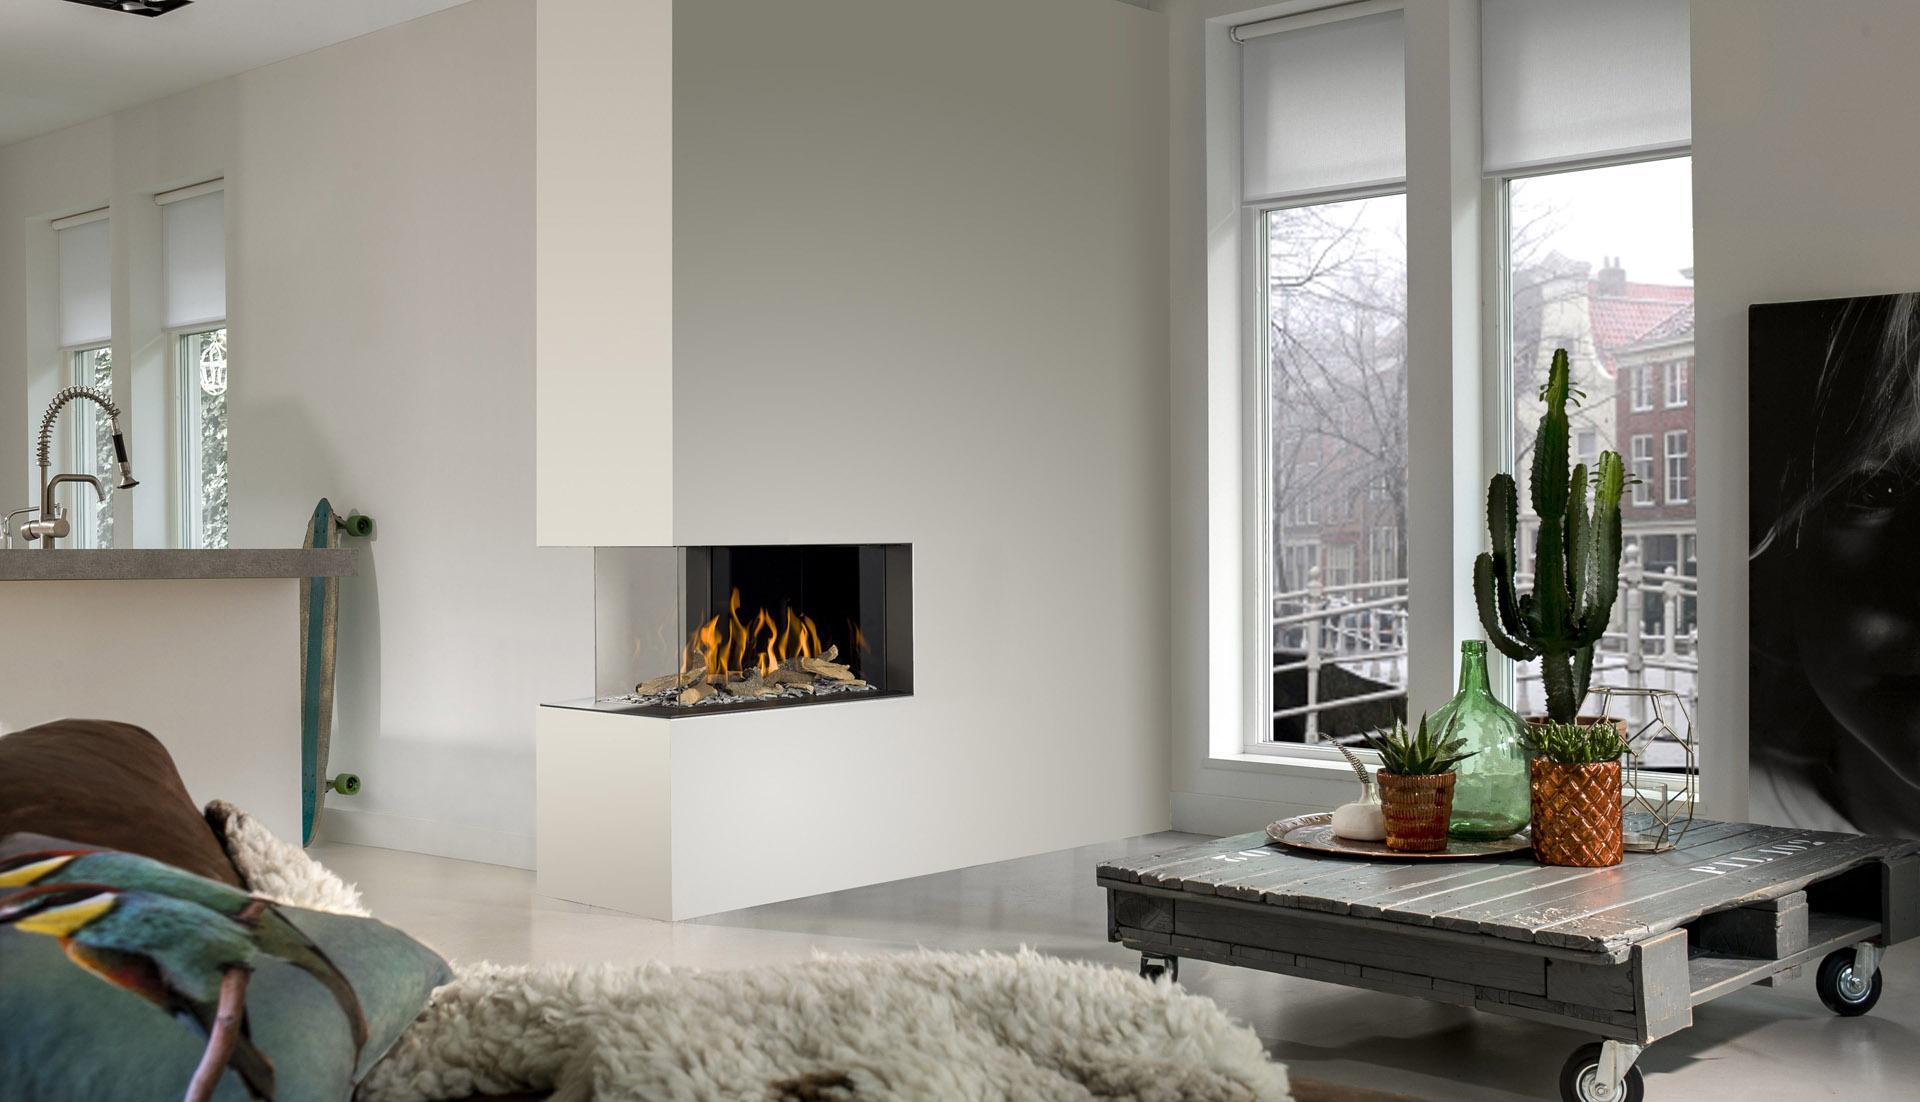 Gaskamine Von Kaminbau Stegemann Exklusives Design